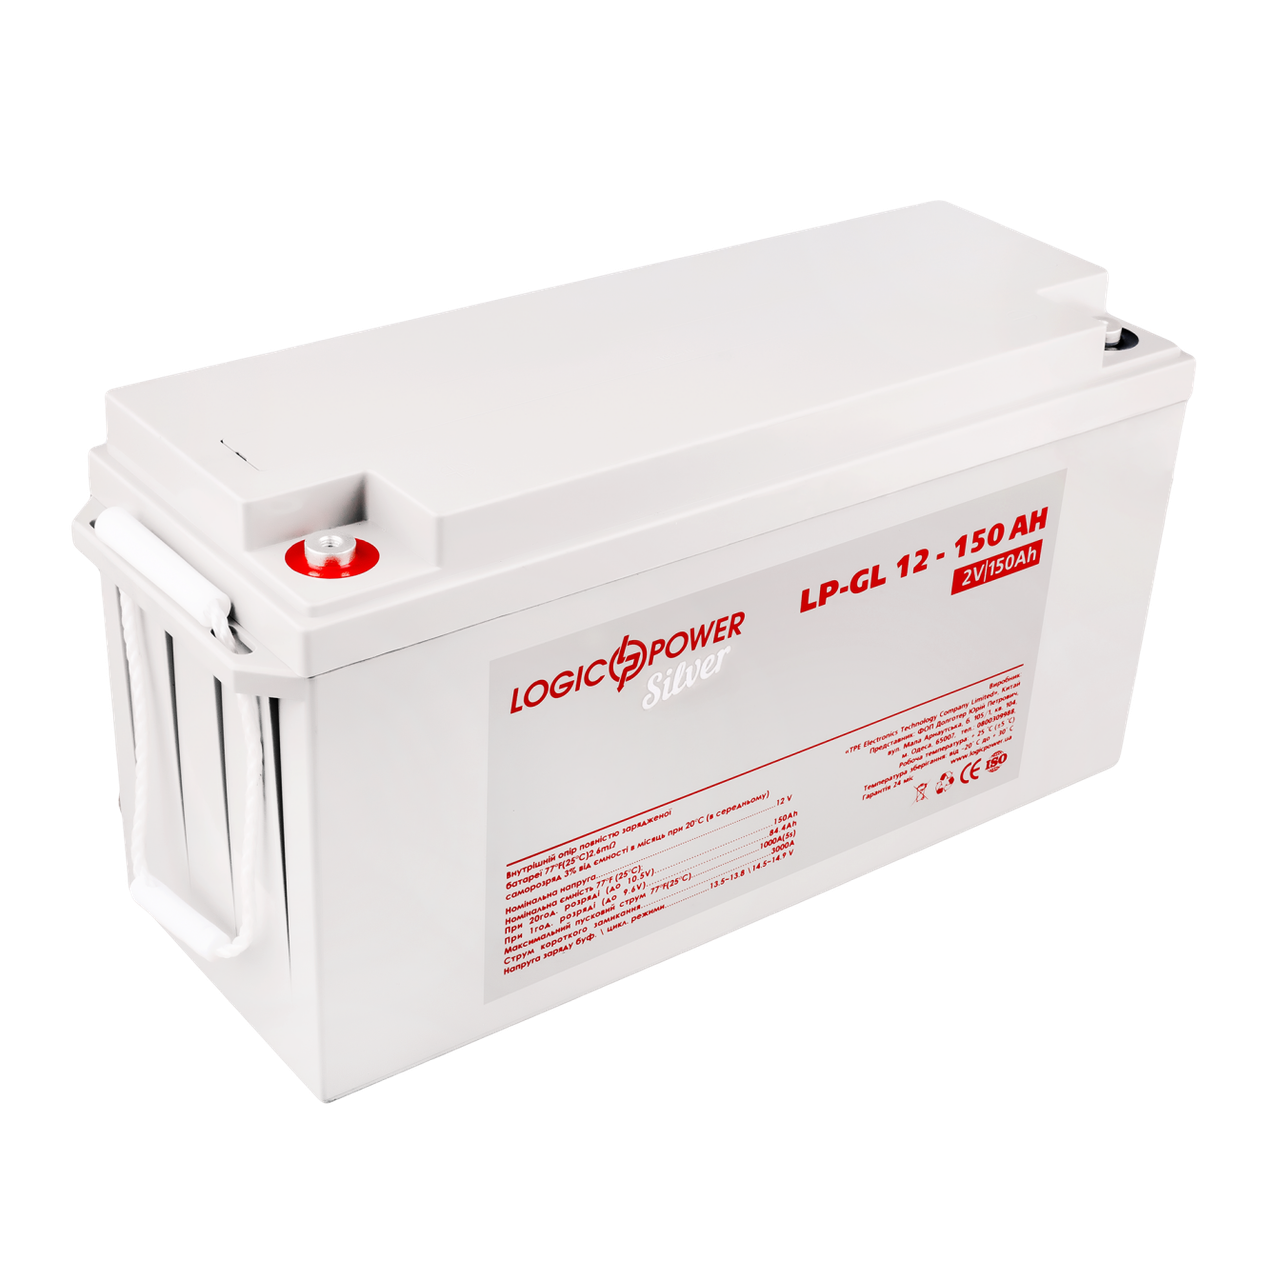 Акумулятор гелевий LP-GL 12 - 150 AH SILVER